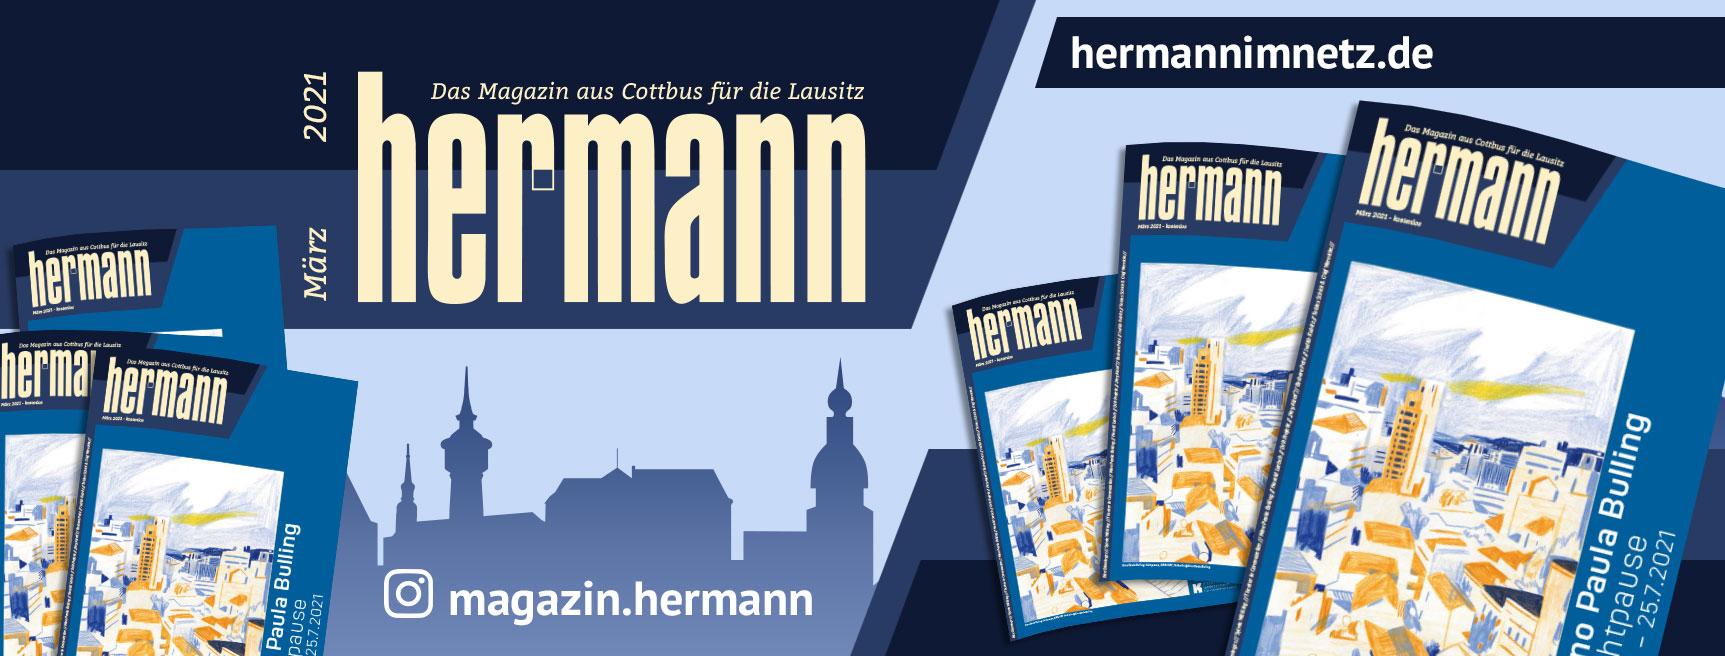 Hermann im Netz